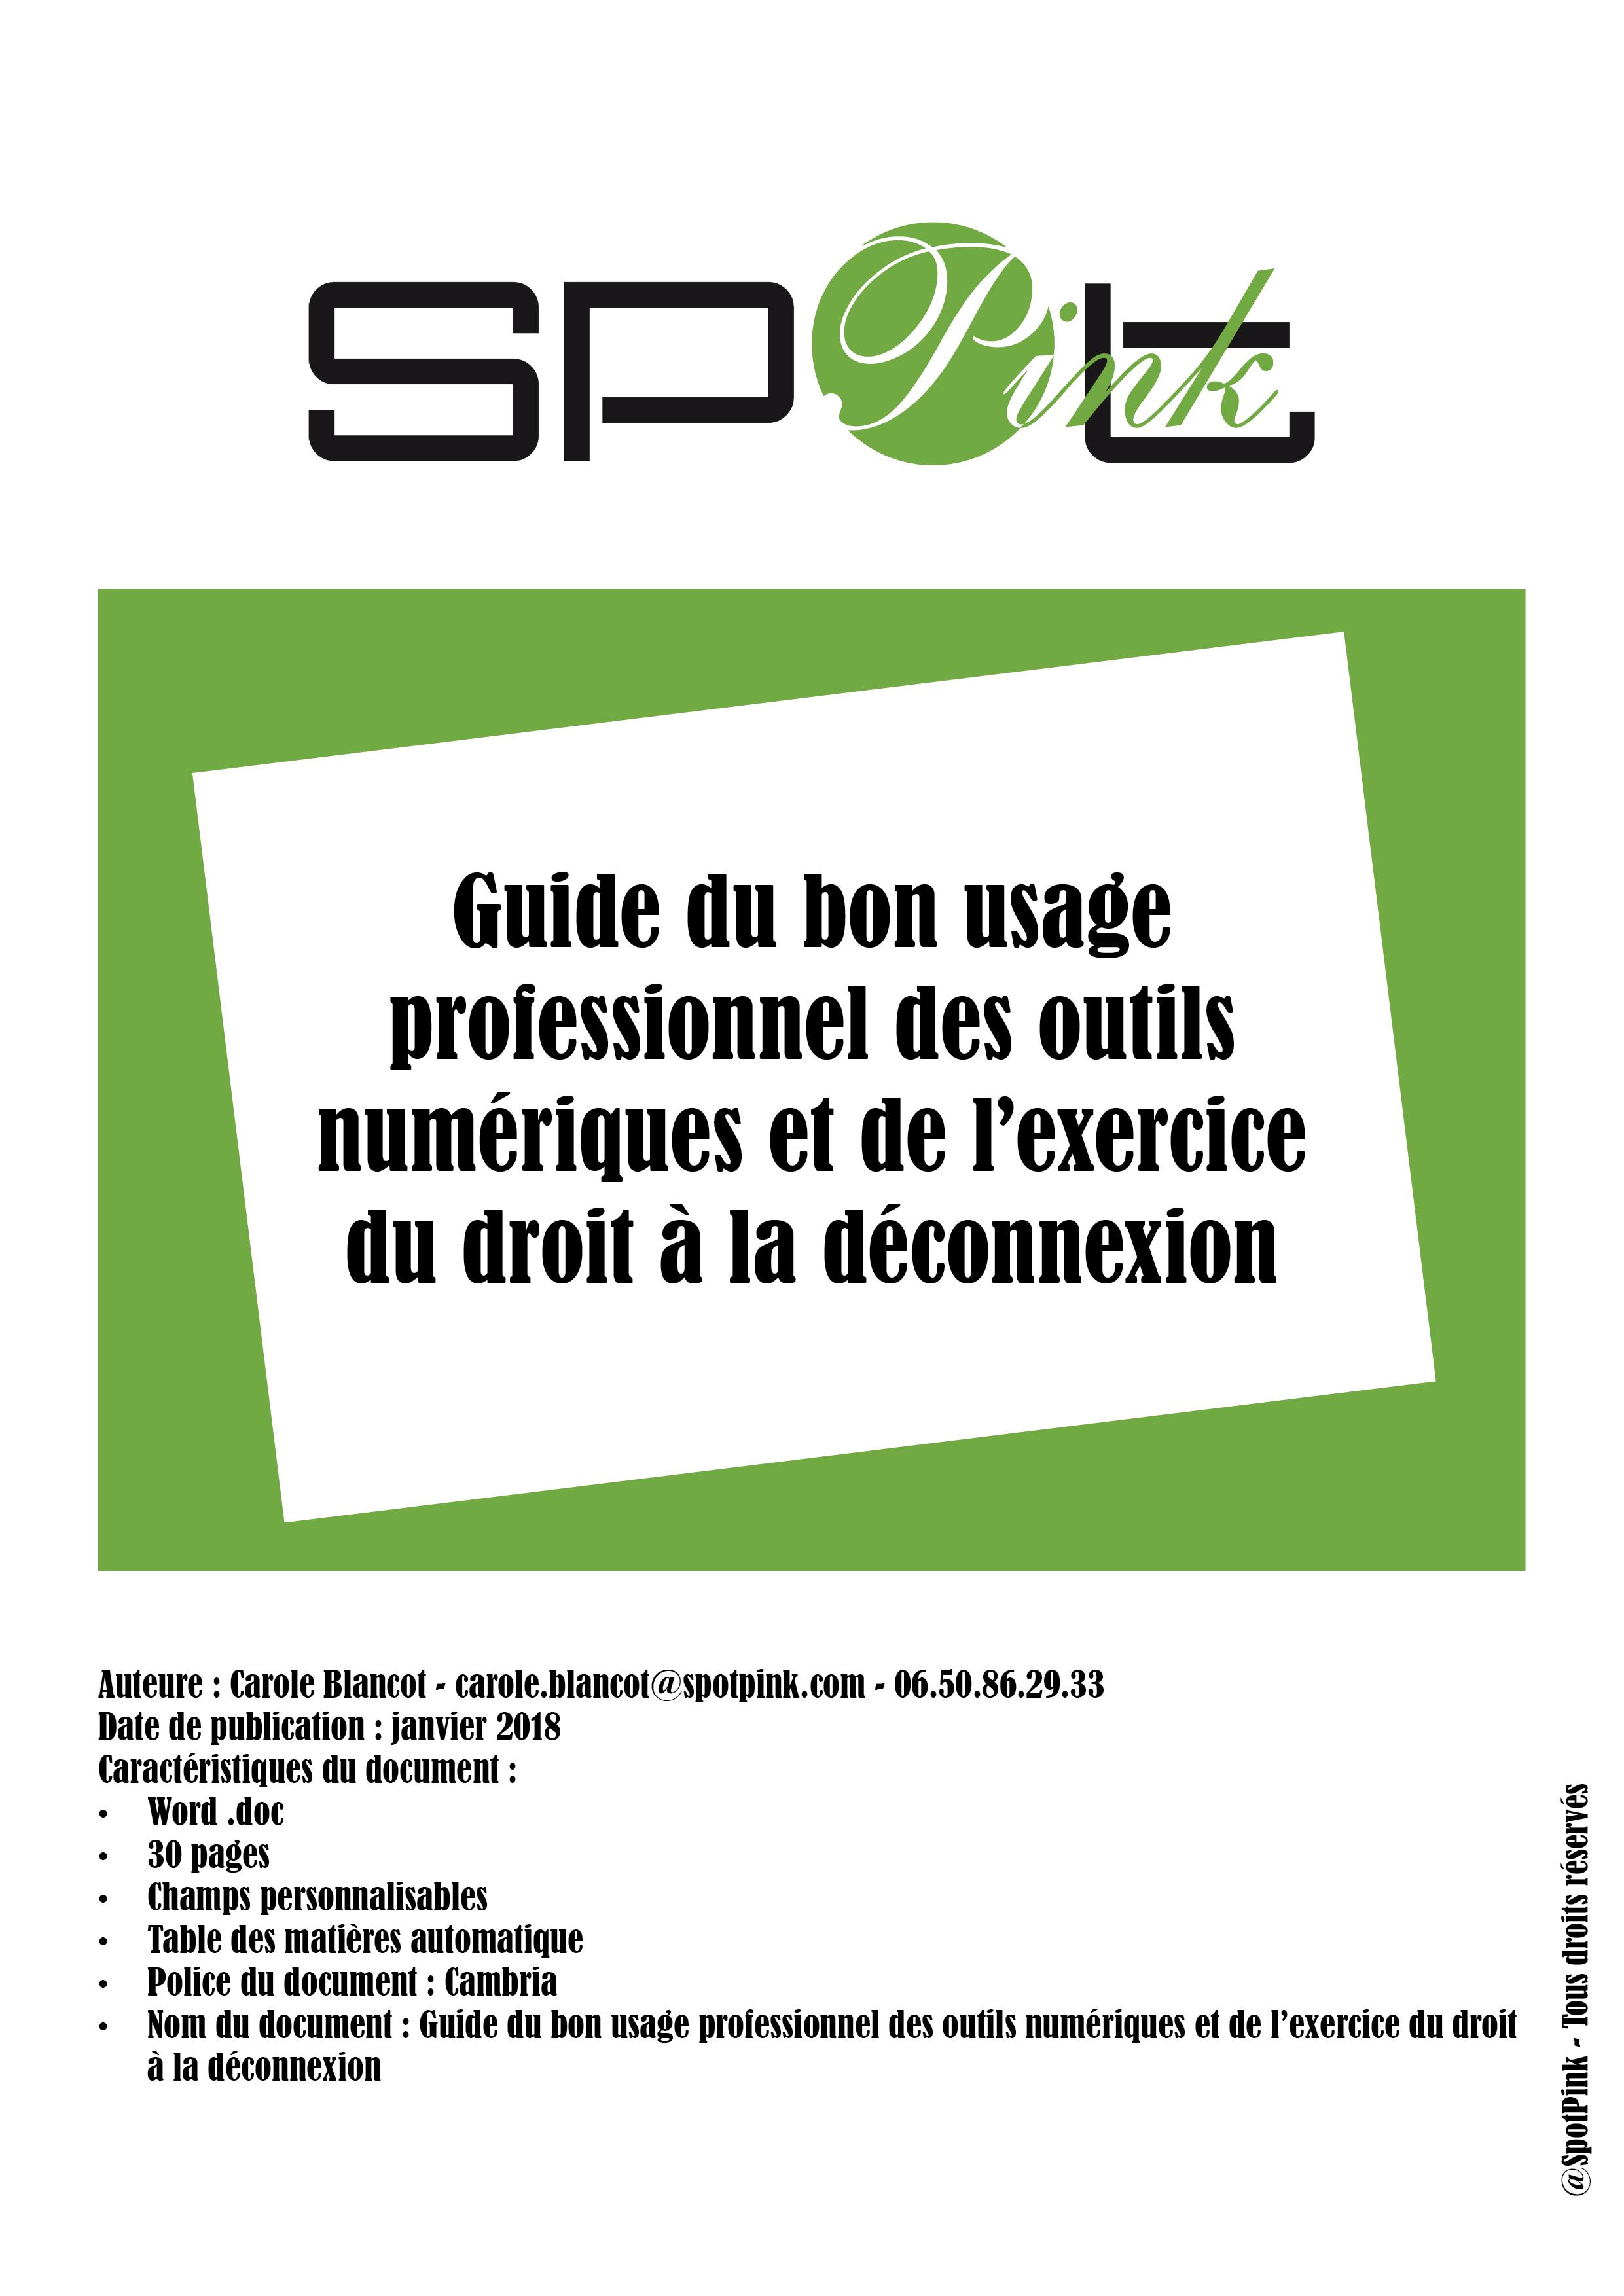 Couv Guide-Bons-usages-professionnels-outils-numeriques-de?connexion